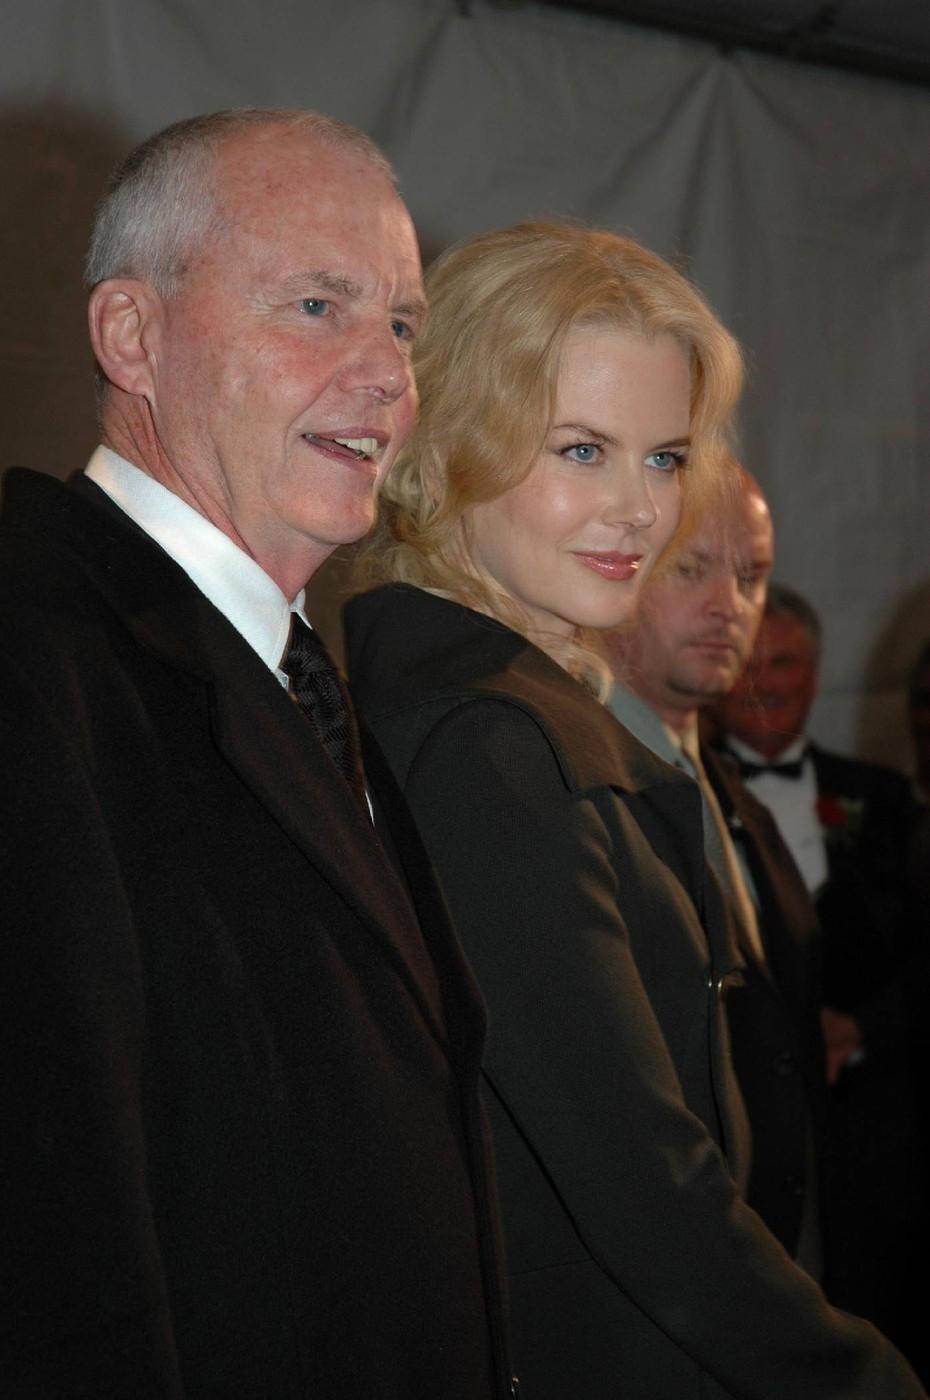 Friss! Balesetben meghalt Nicole Kidman apja